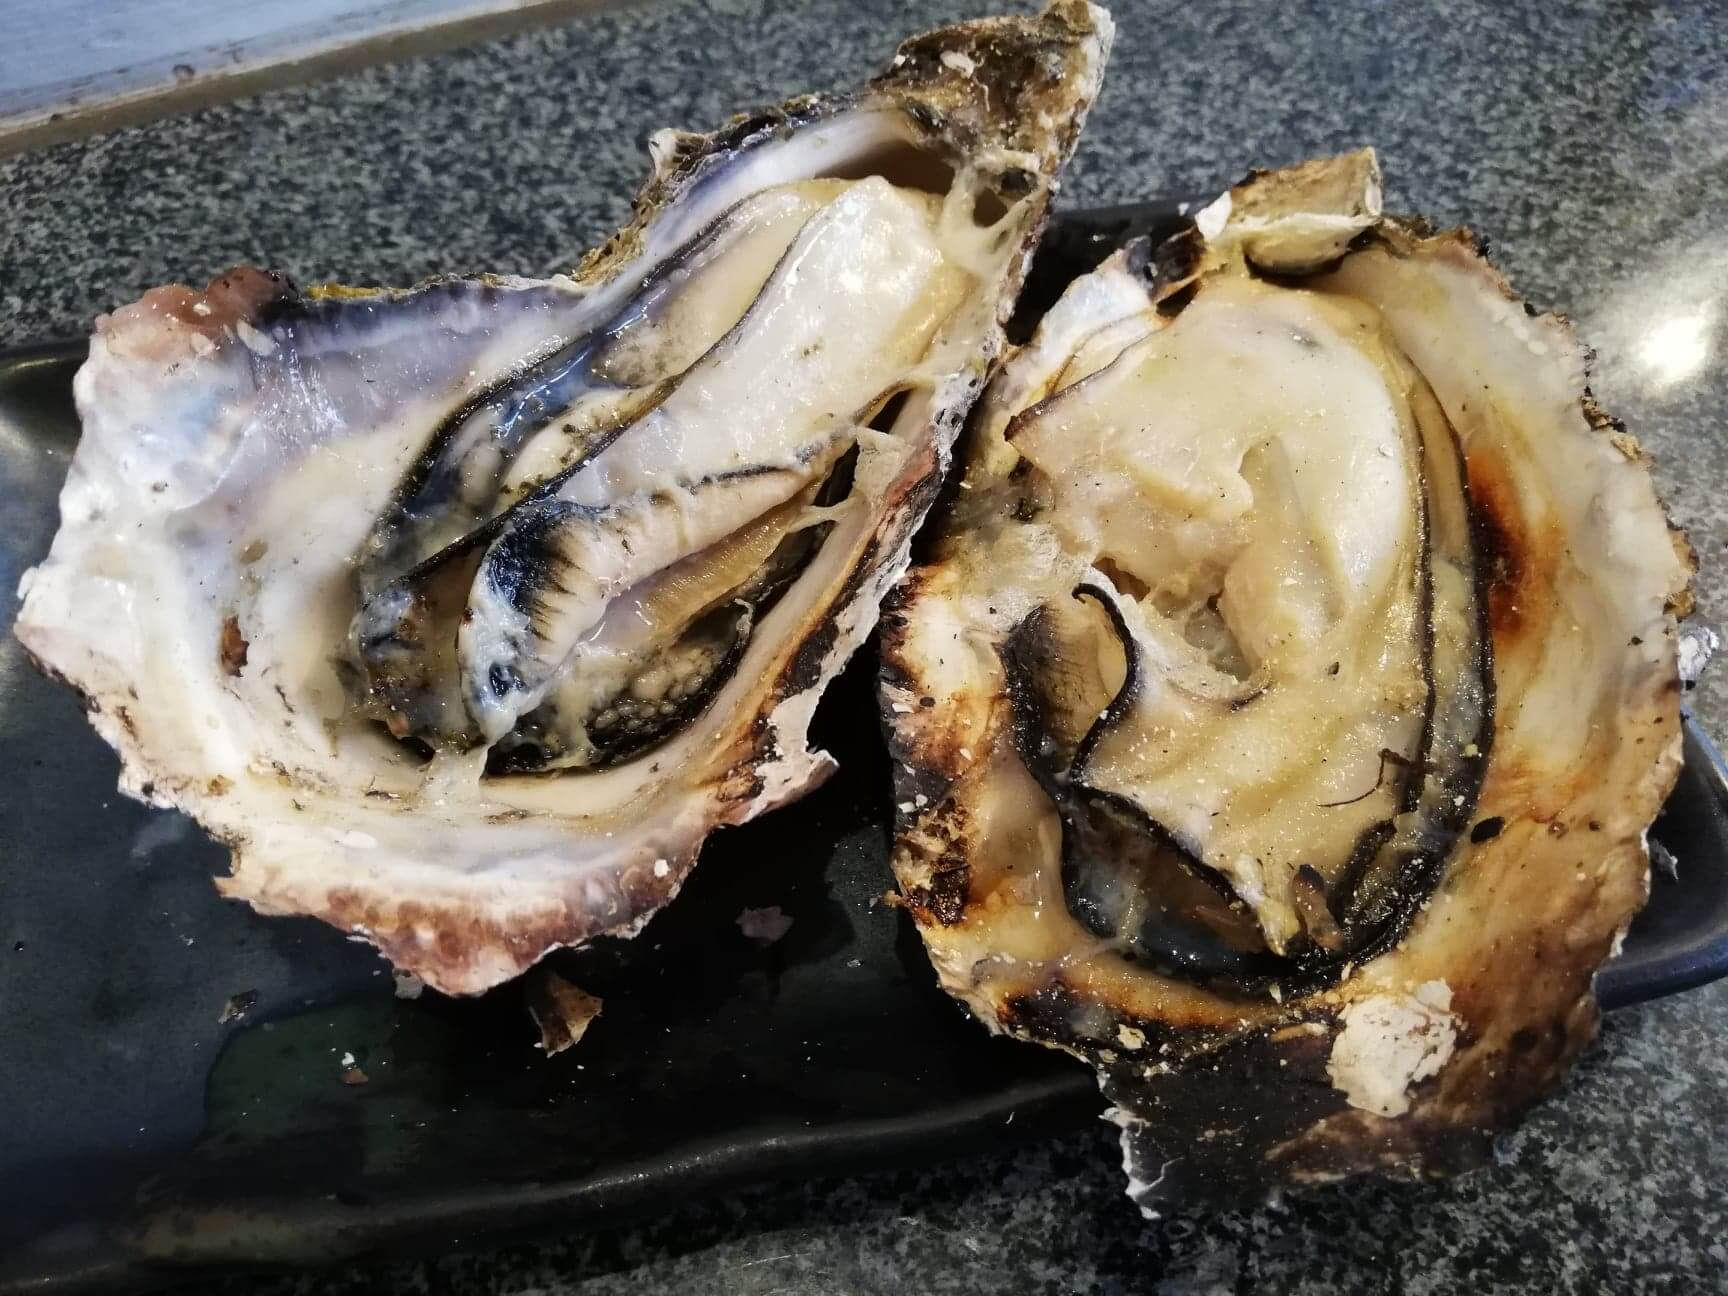 広島県宮島『牡蠣屋』の焼き牡蠣の写真